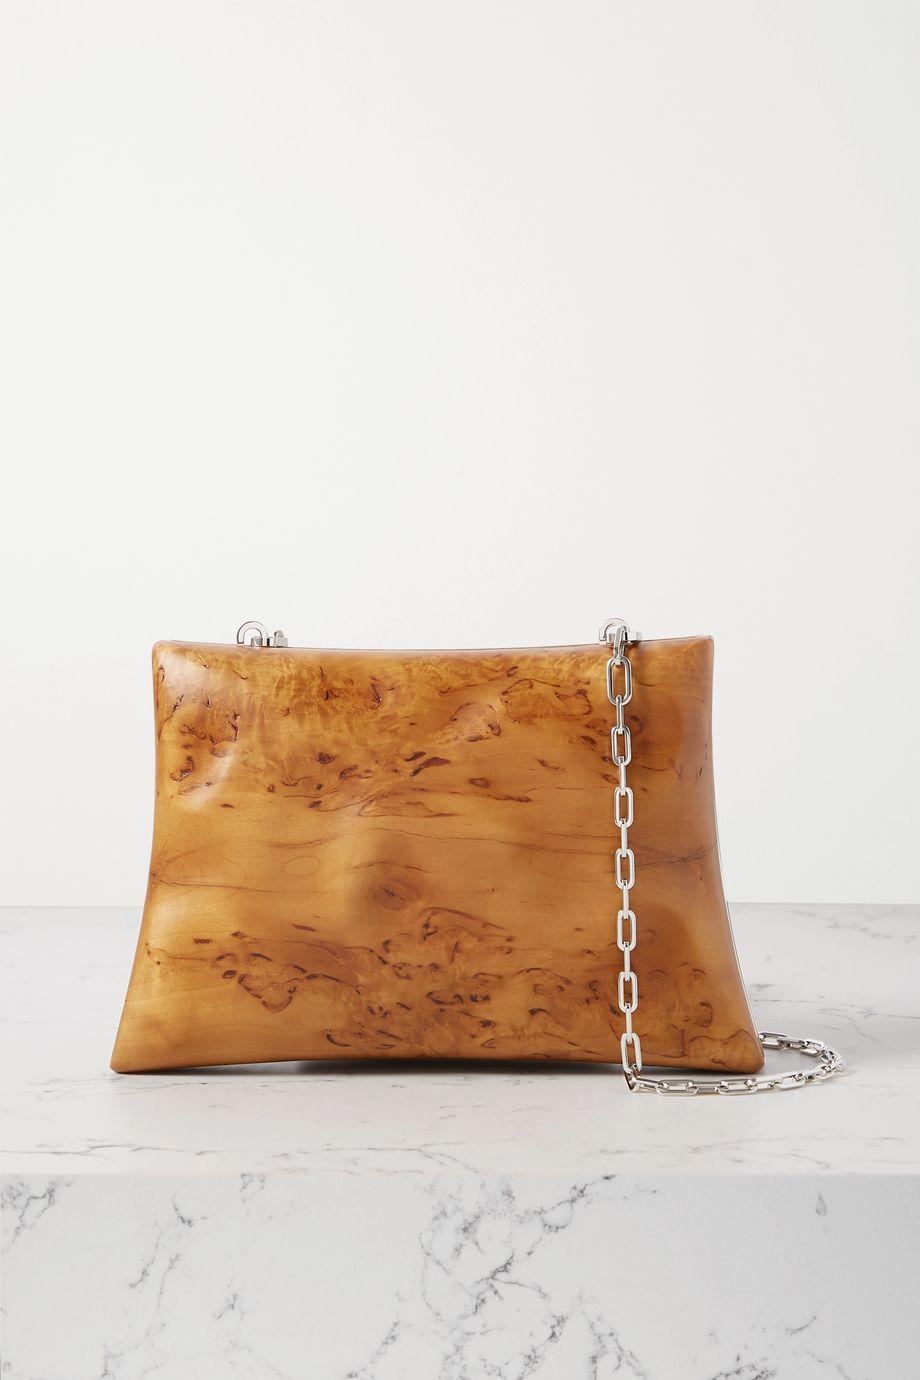 Bottega Veneta Wood clutch